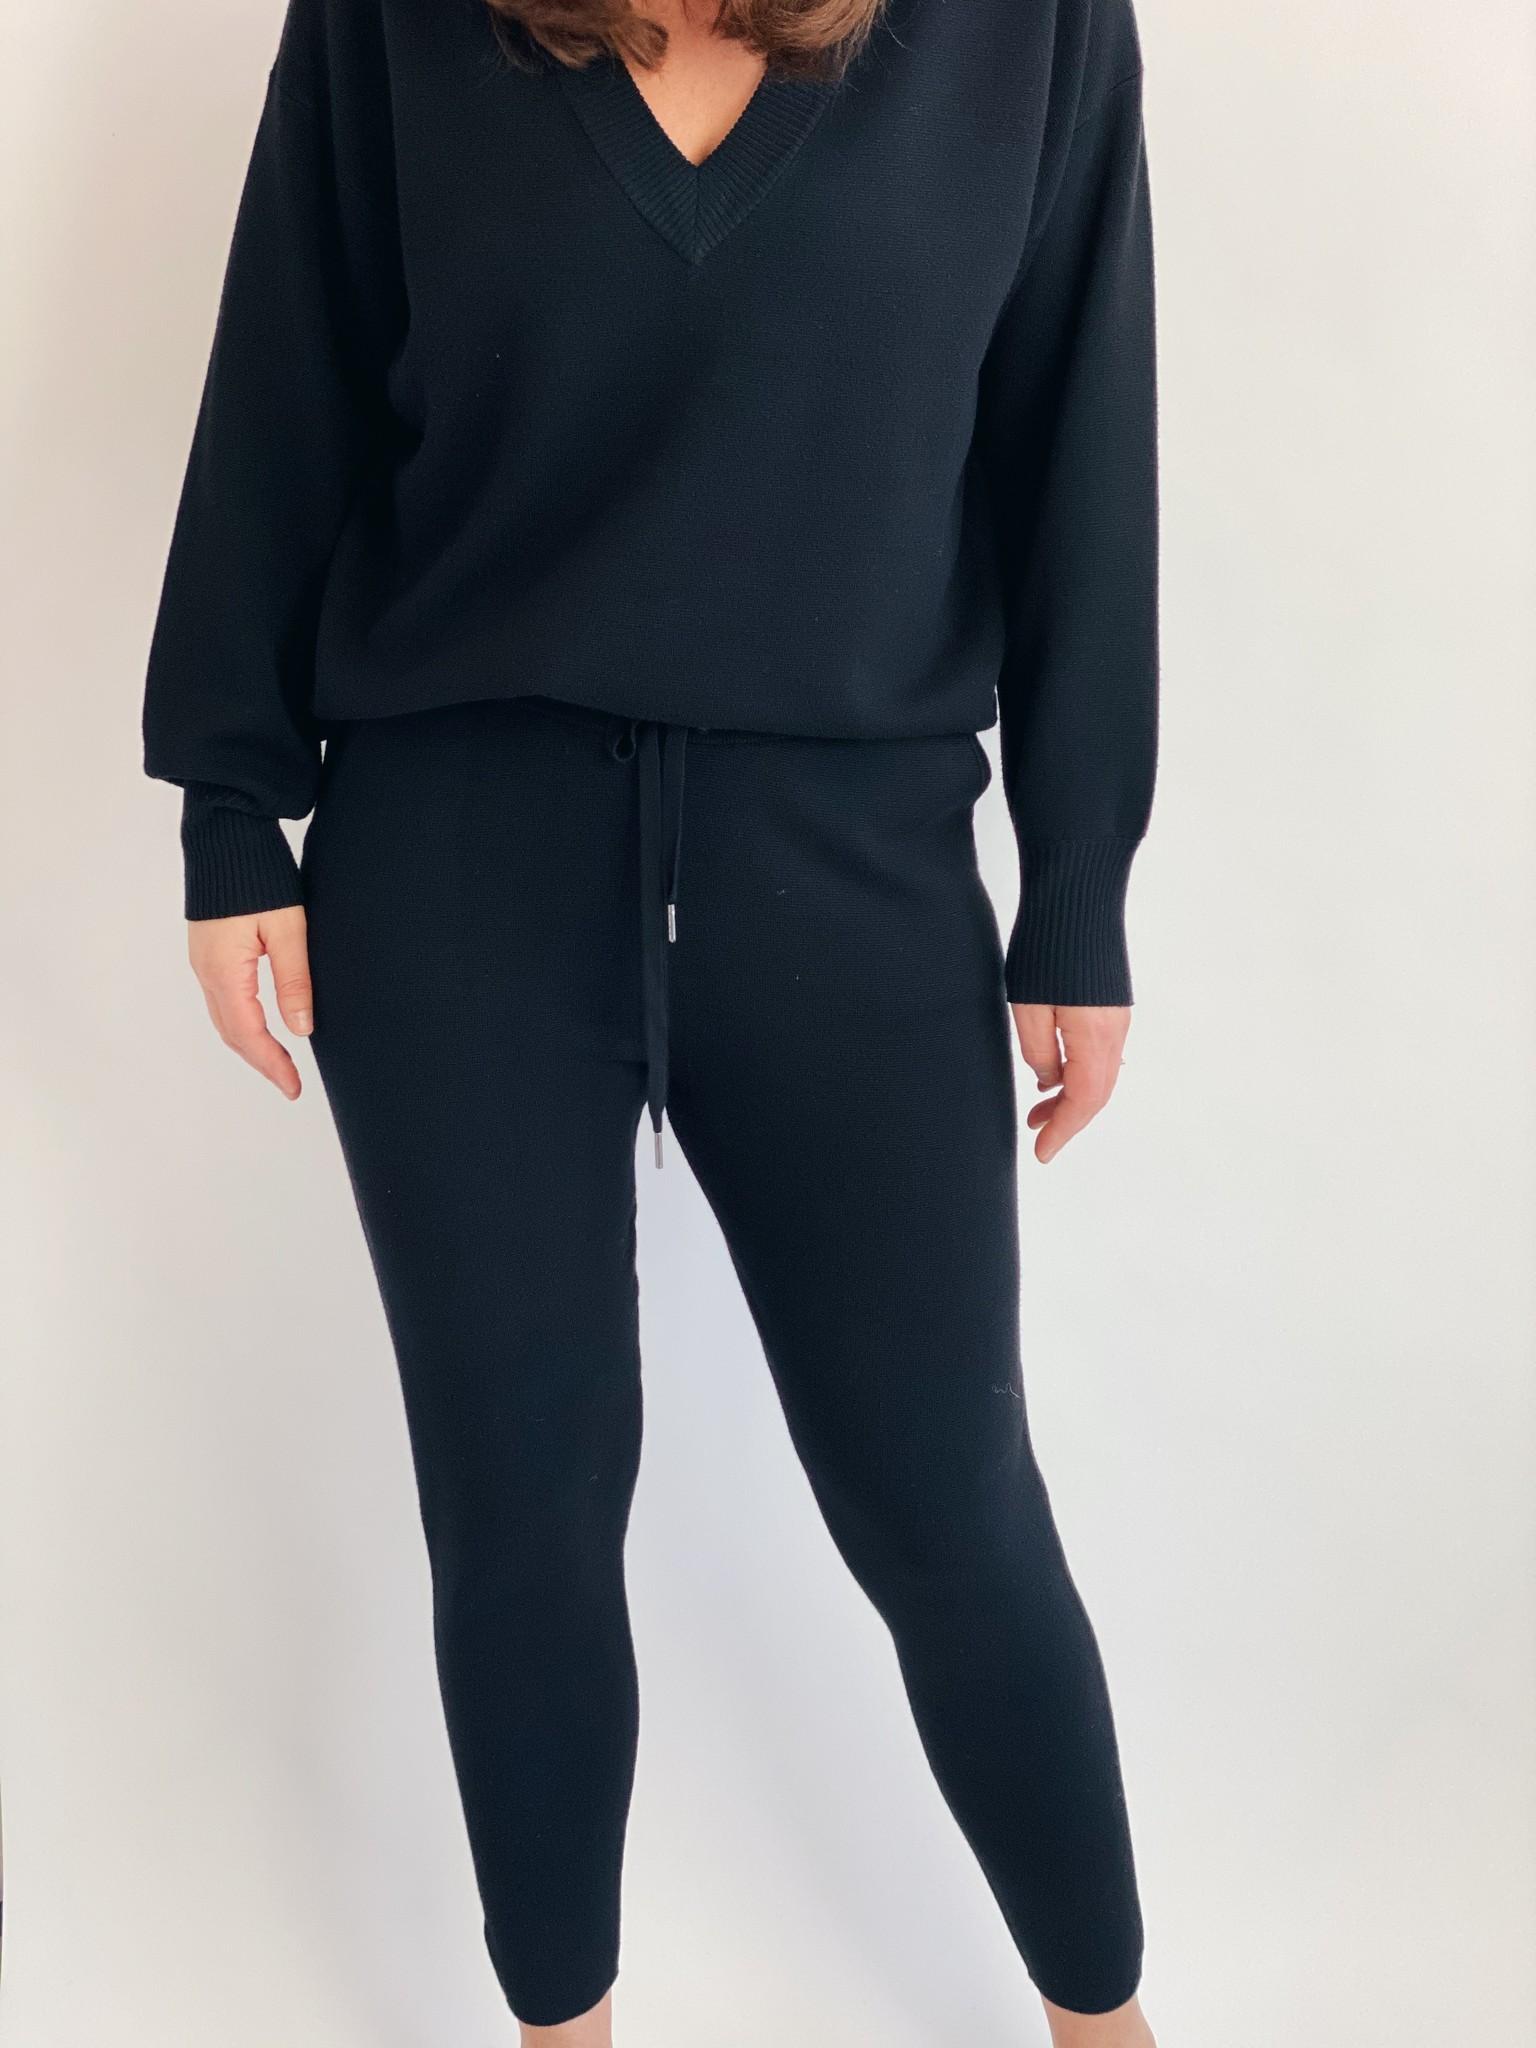 Broek KAkitlyn 7/8 knit pants black deep-1